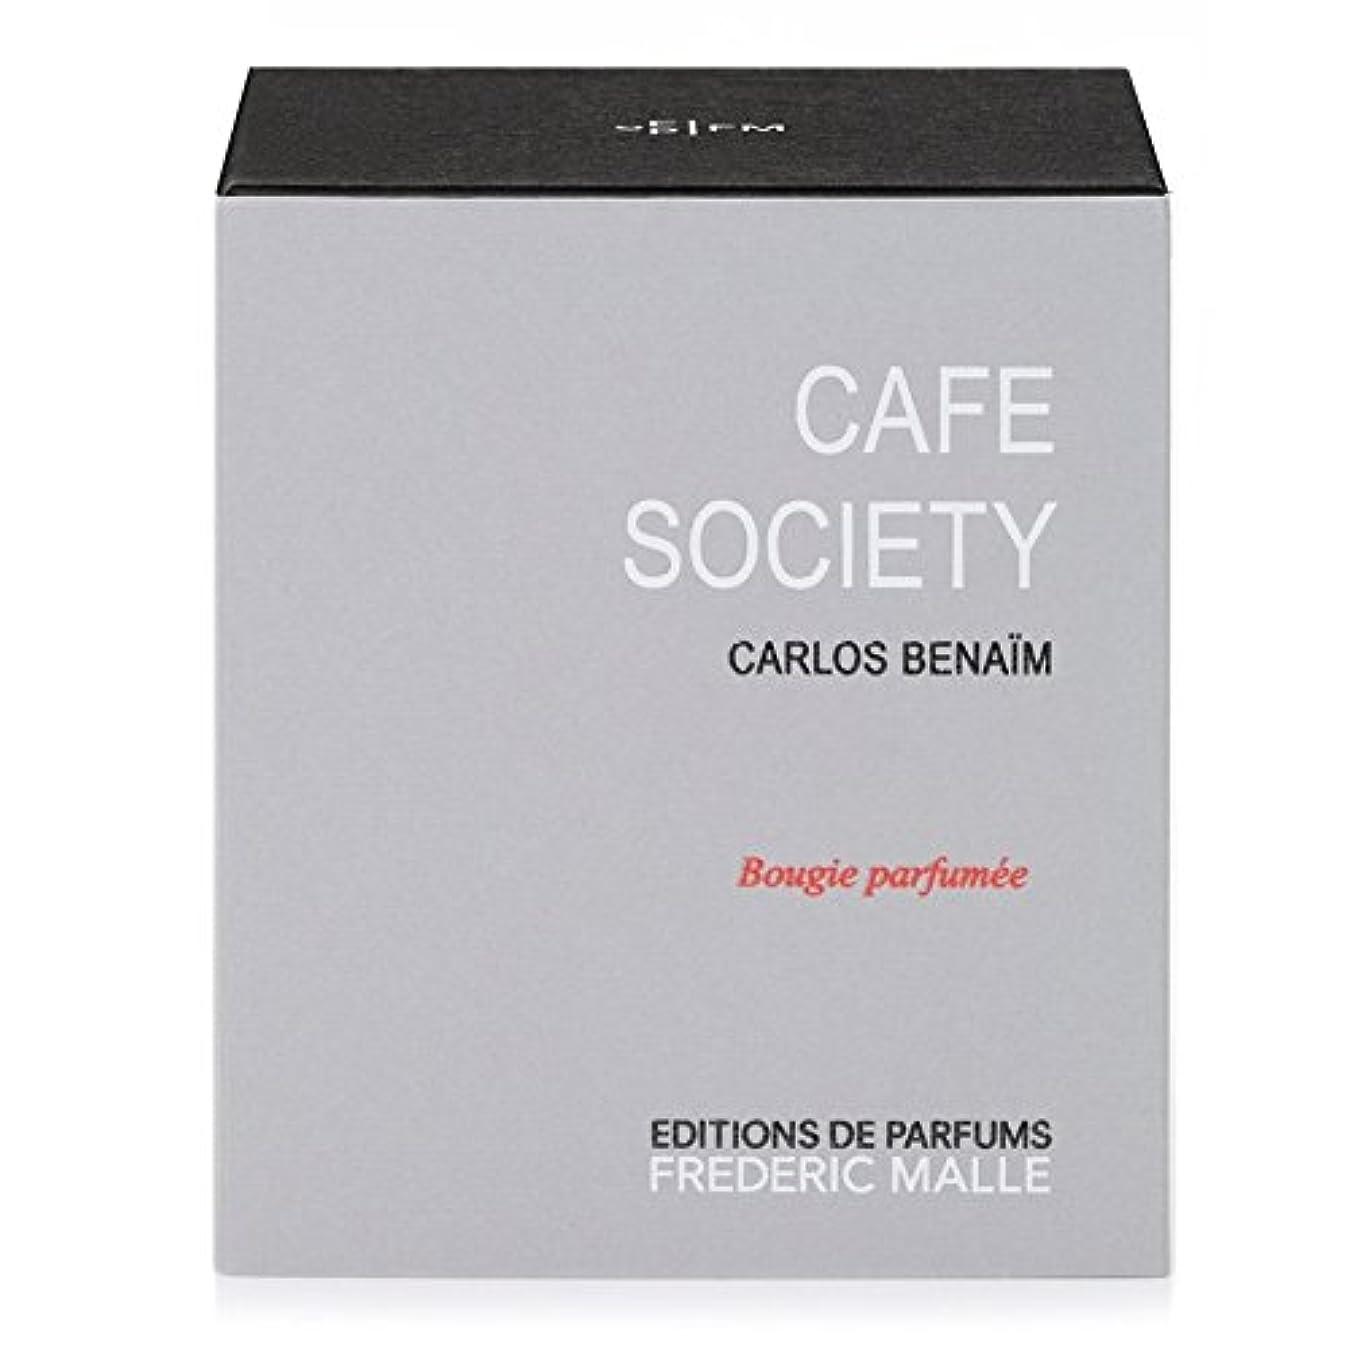 を必要としています観察する別にFrederic Malle Cafe Society Scented Candle 220g (Pack of 4) - フレデリック?マルカフェ社会の香りのキャンドル220グラム x4 [並行輸入品]